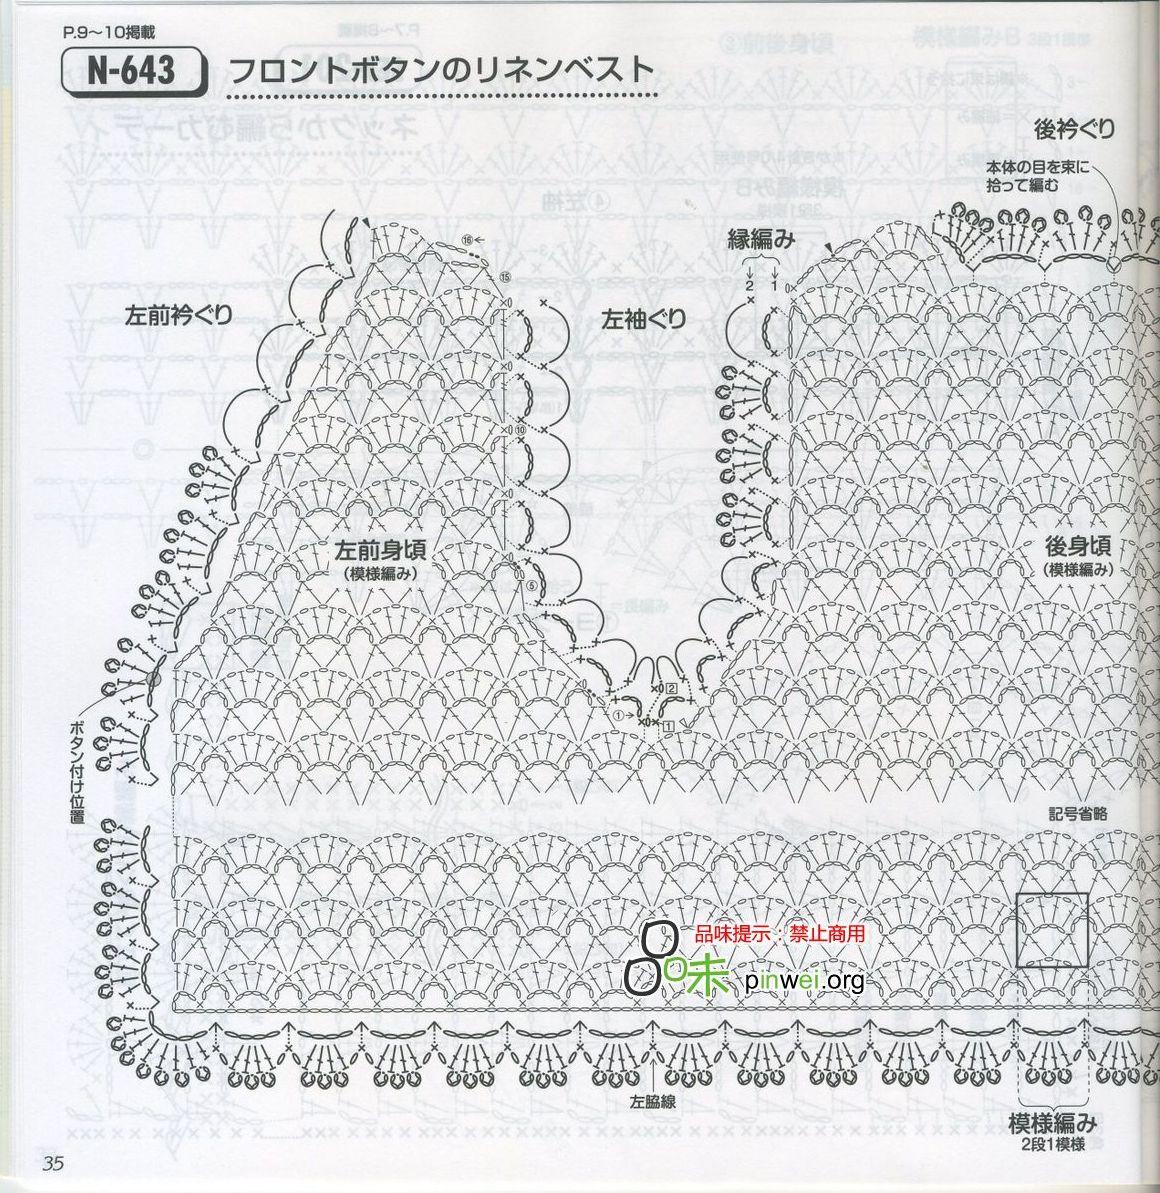 0324_Aiamu olive 336_3 (3)